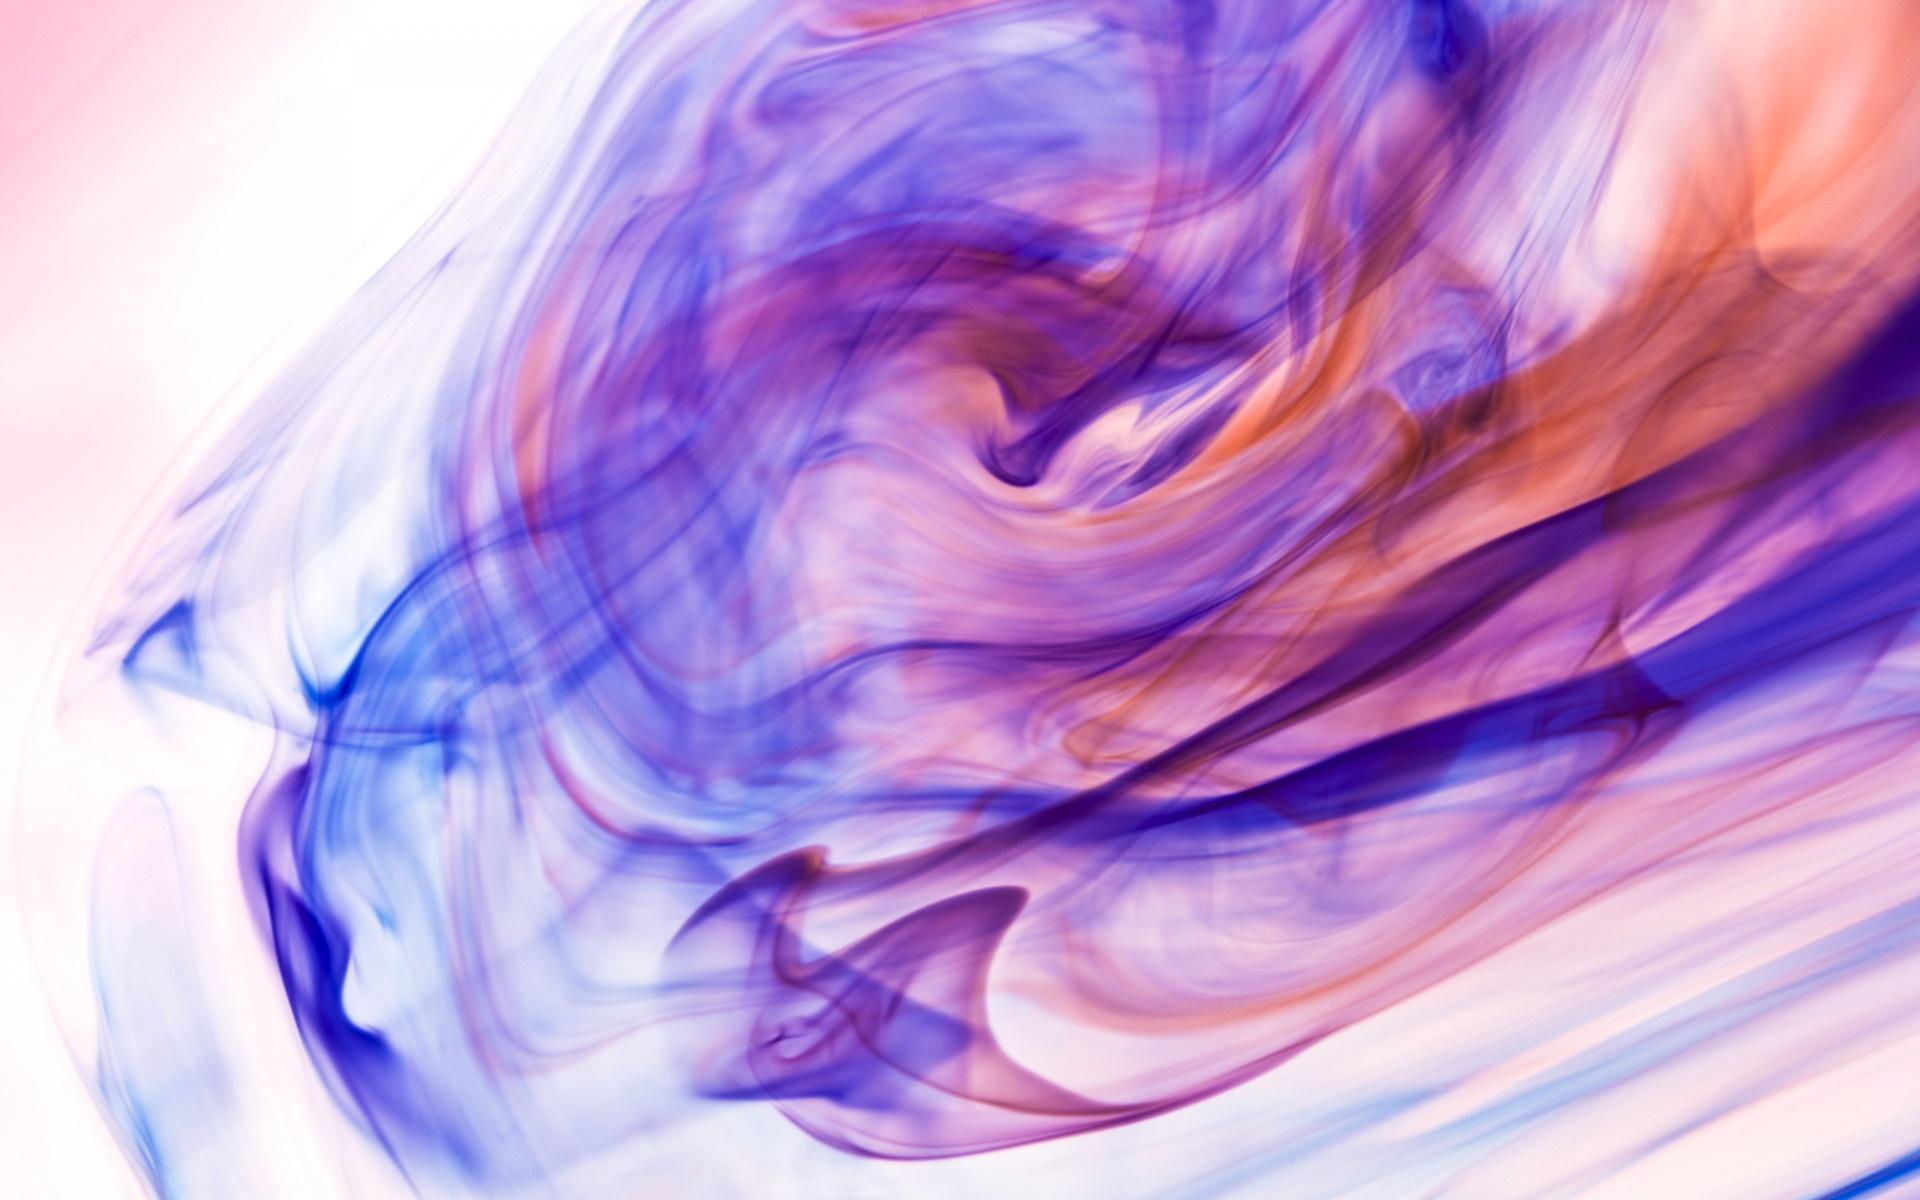 Pap is de parede tinta colorida na gua 1920x1200 hd imagem - Hd ink wallpaper ...